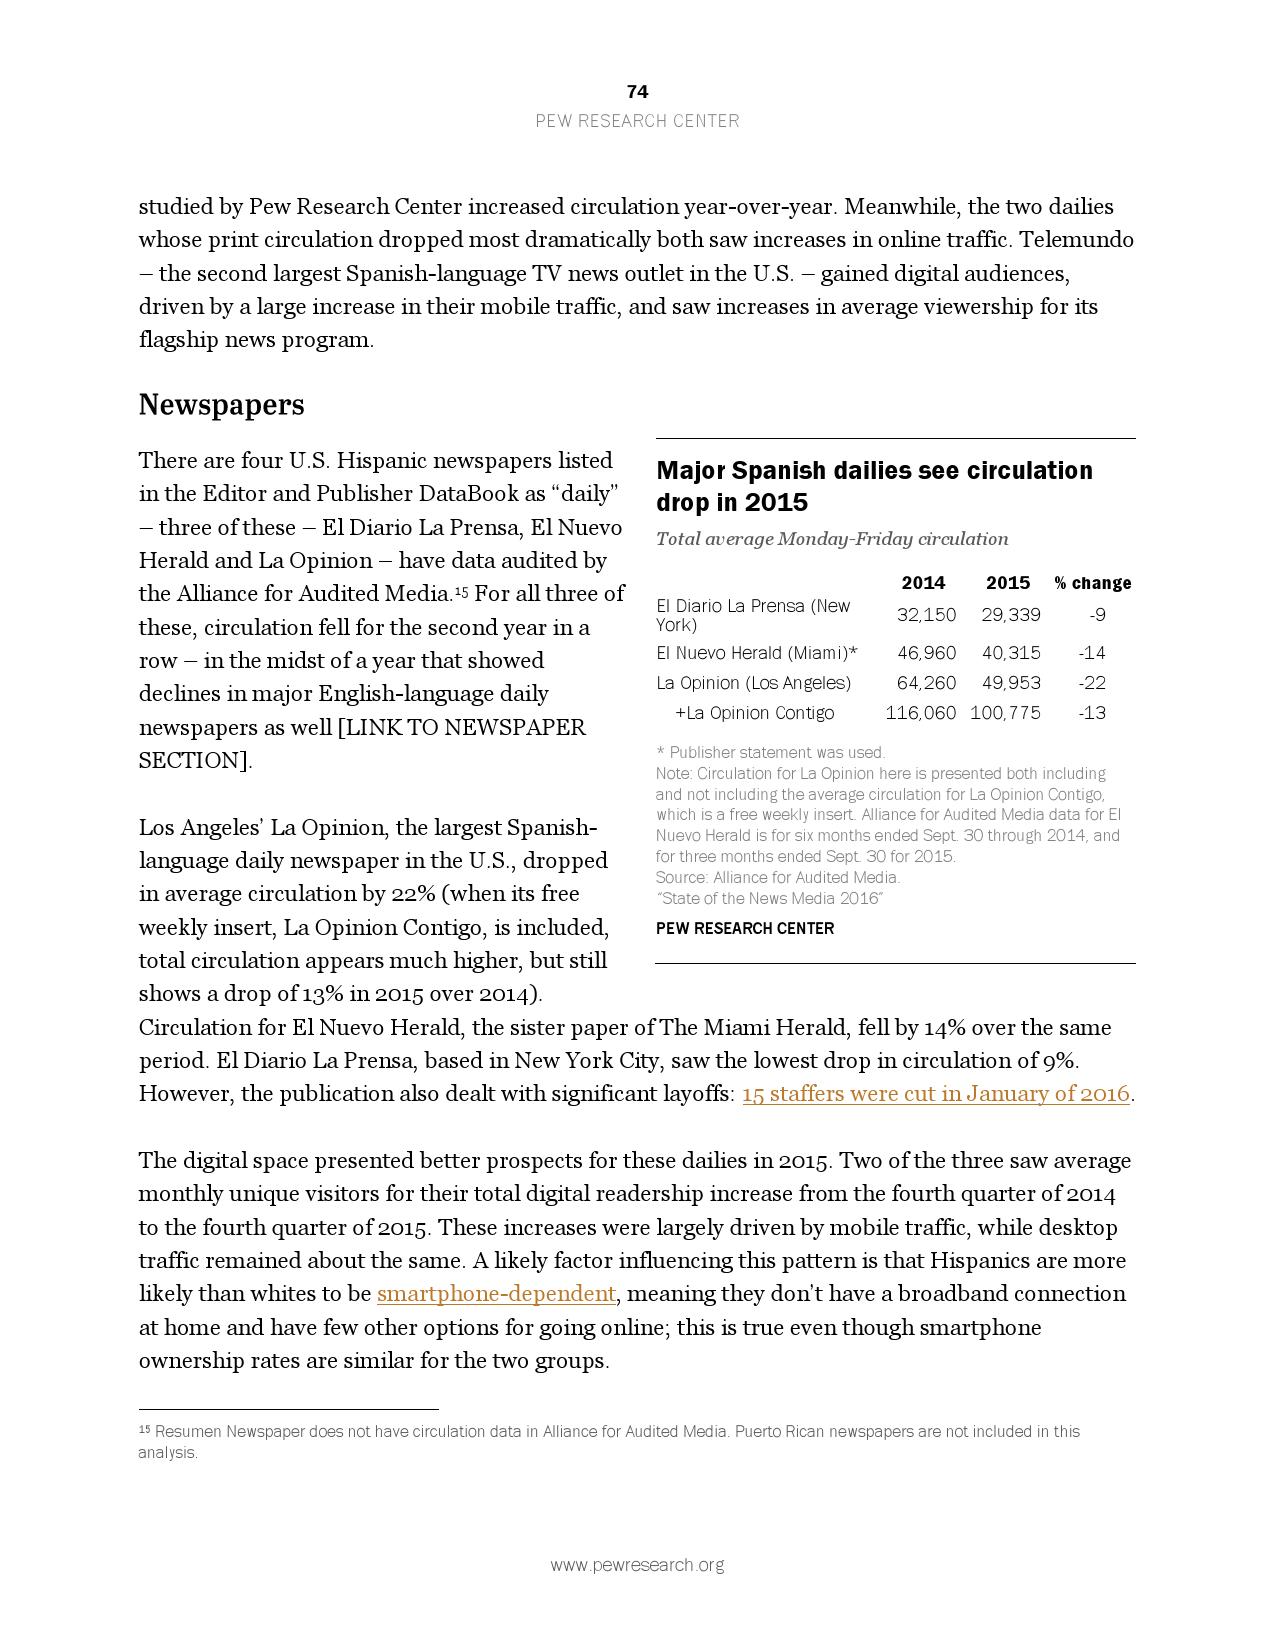 2016美国新媒体研究报告_000074